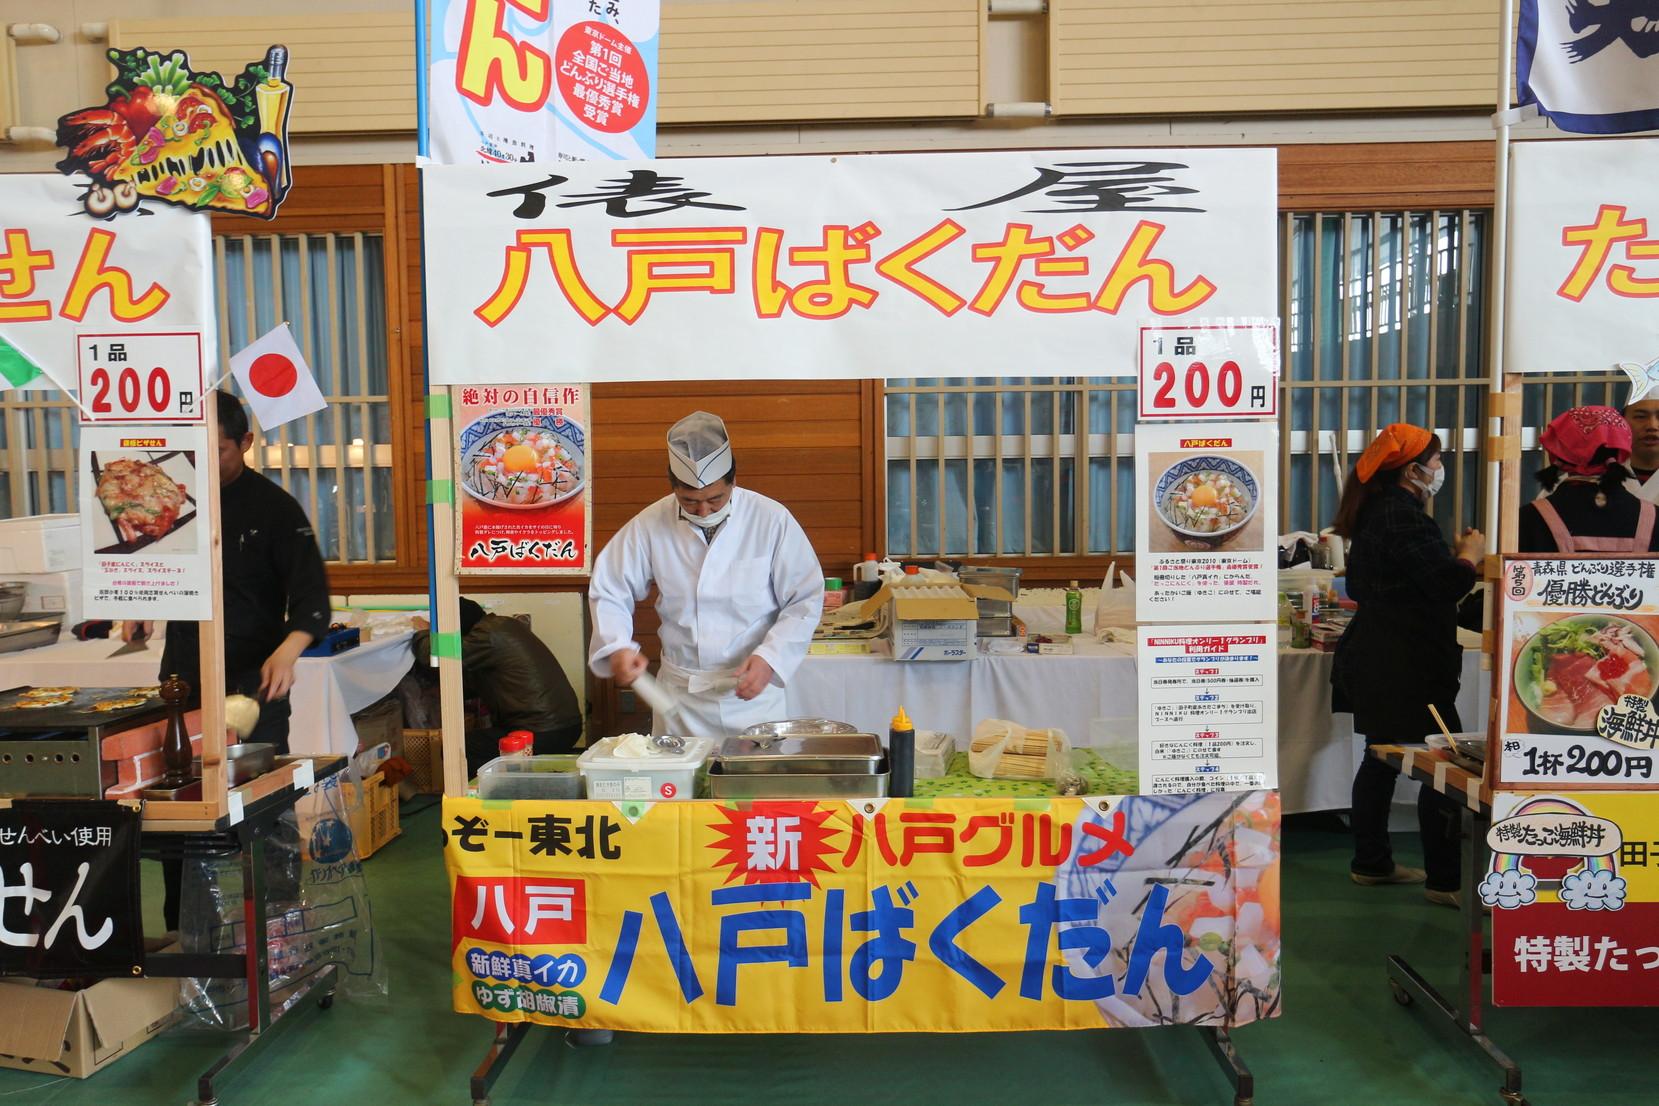 俵屋(八戸市)